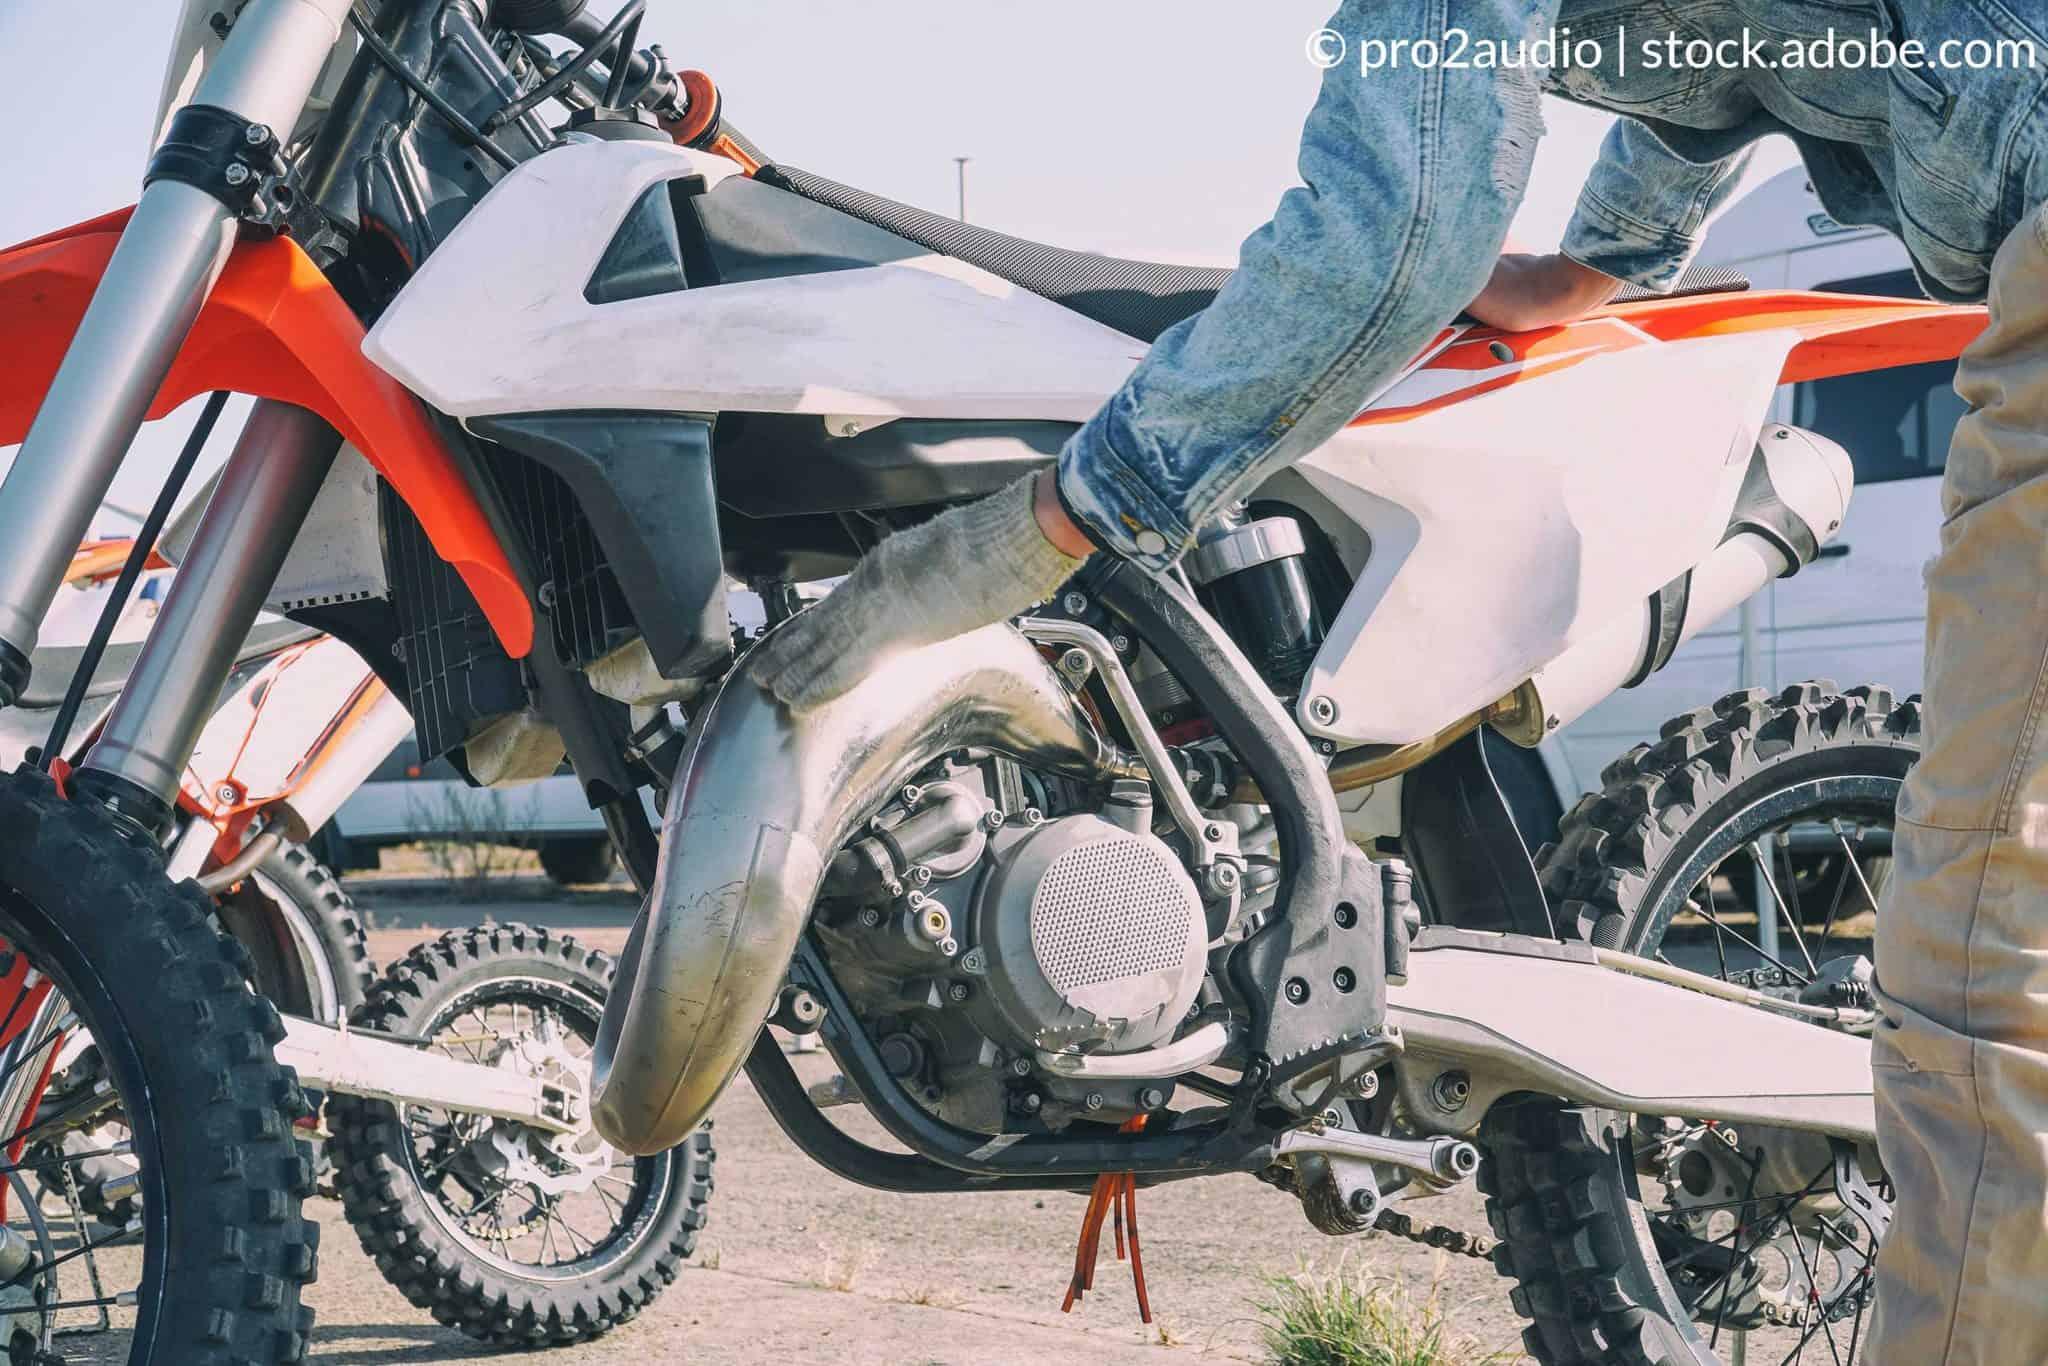 vedlikeholde motocrossen